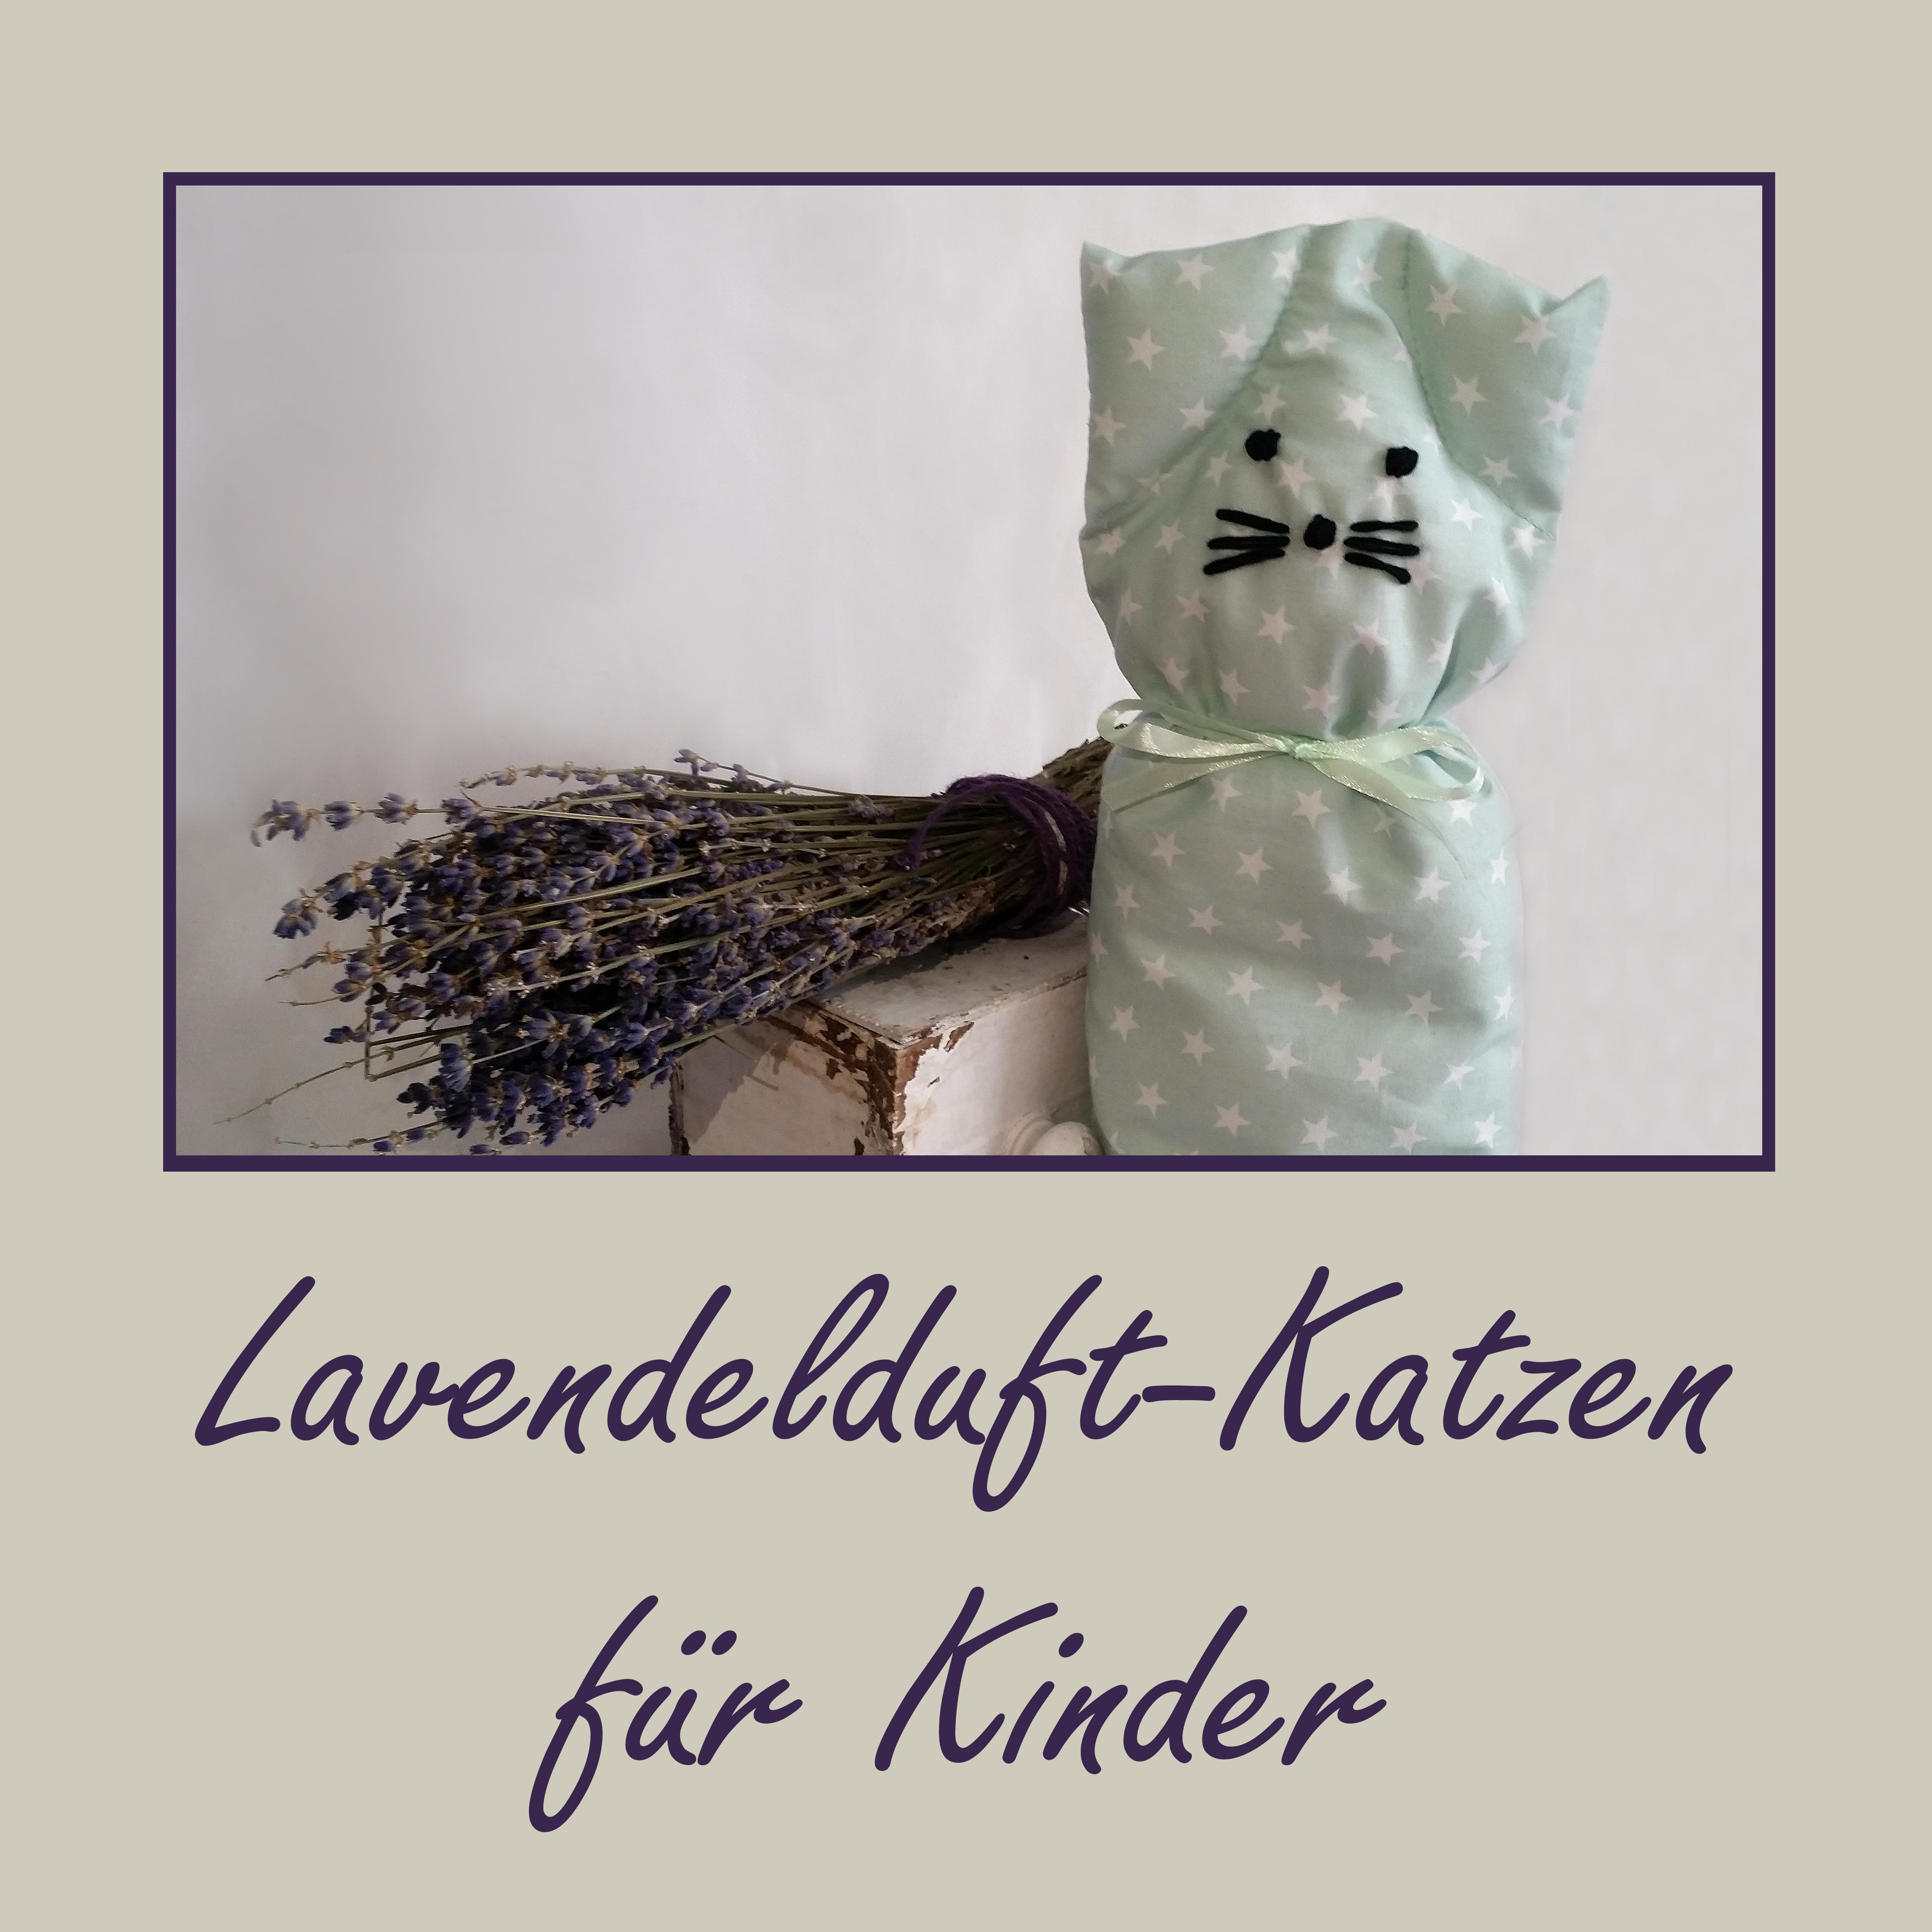 Lavendelkatzen